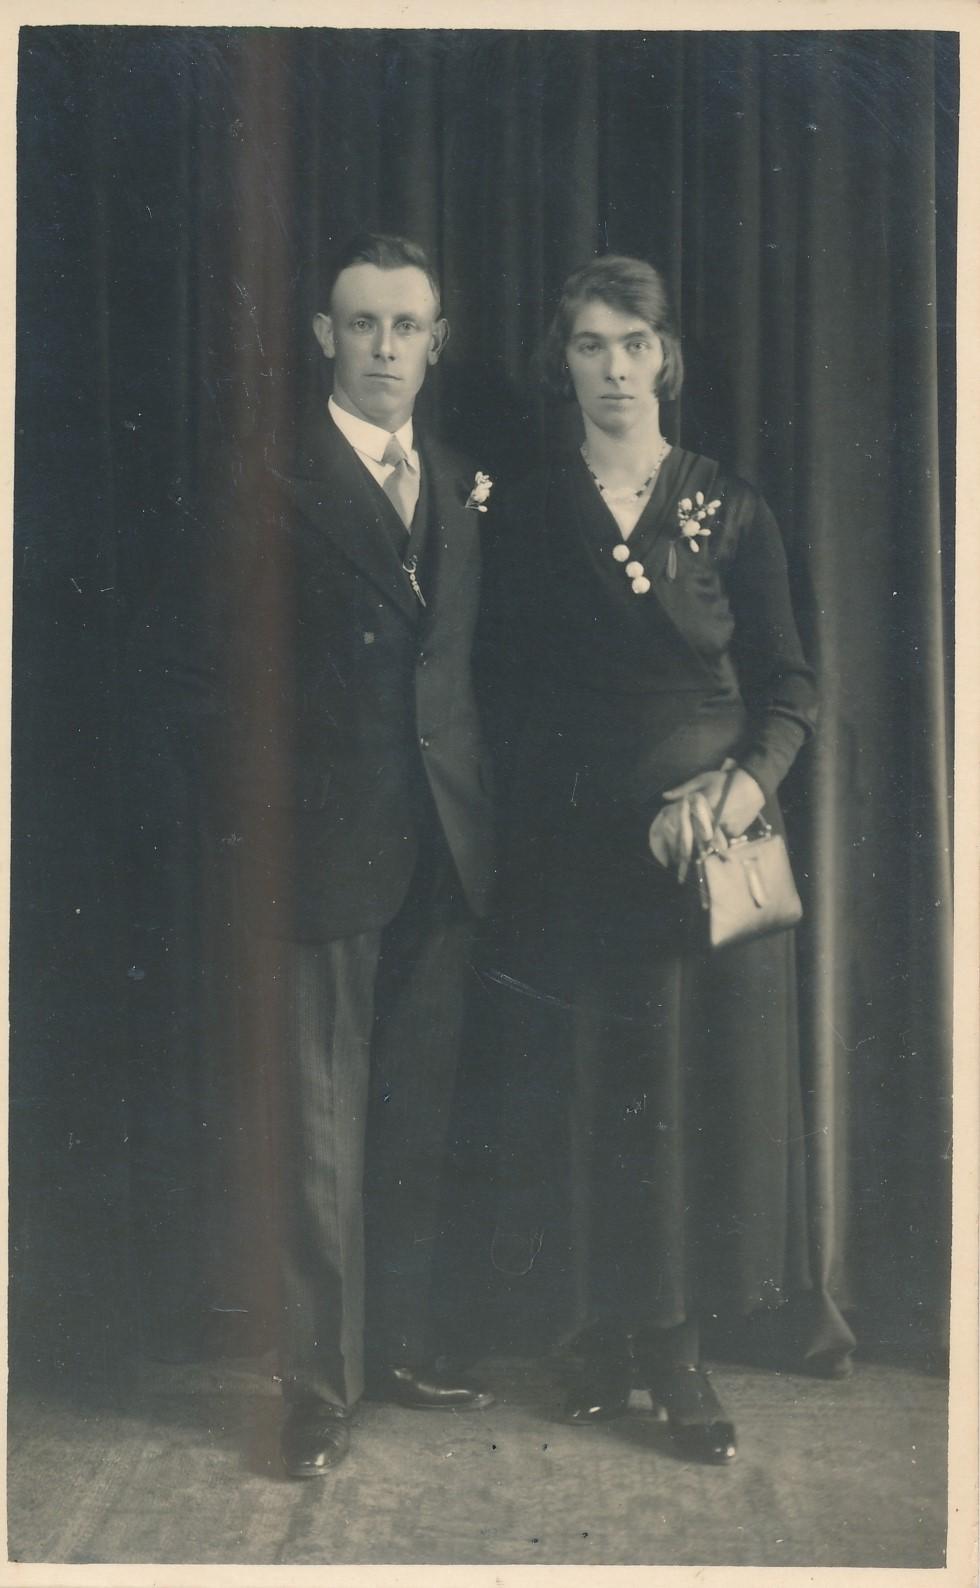 Fotoalbum Andre Kamsma, 127, Dominicus Kamsma (Boerearbeider) 11-05-1903 tot 31-07-1984, mei Janneke Veldman 08-01-1909 tot 05-05-1959, Foto 1933